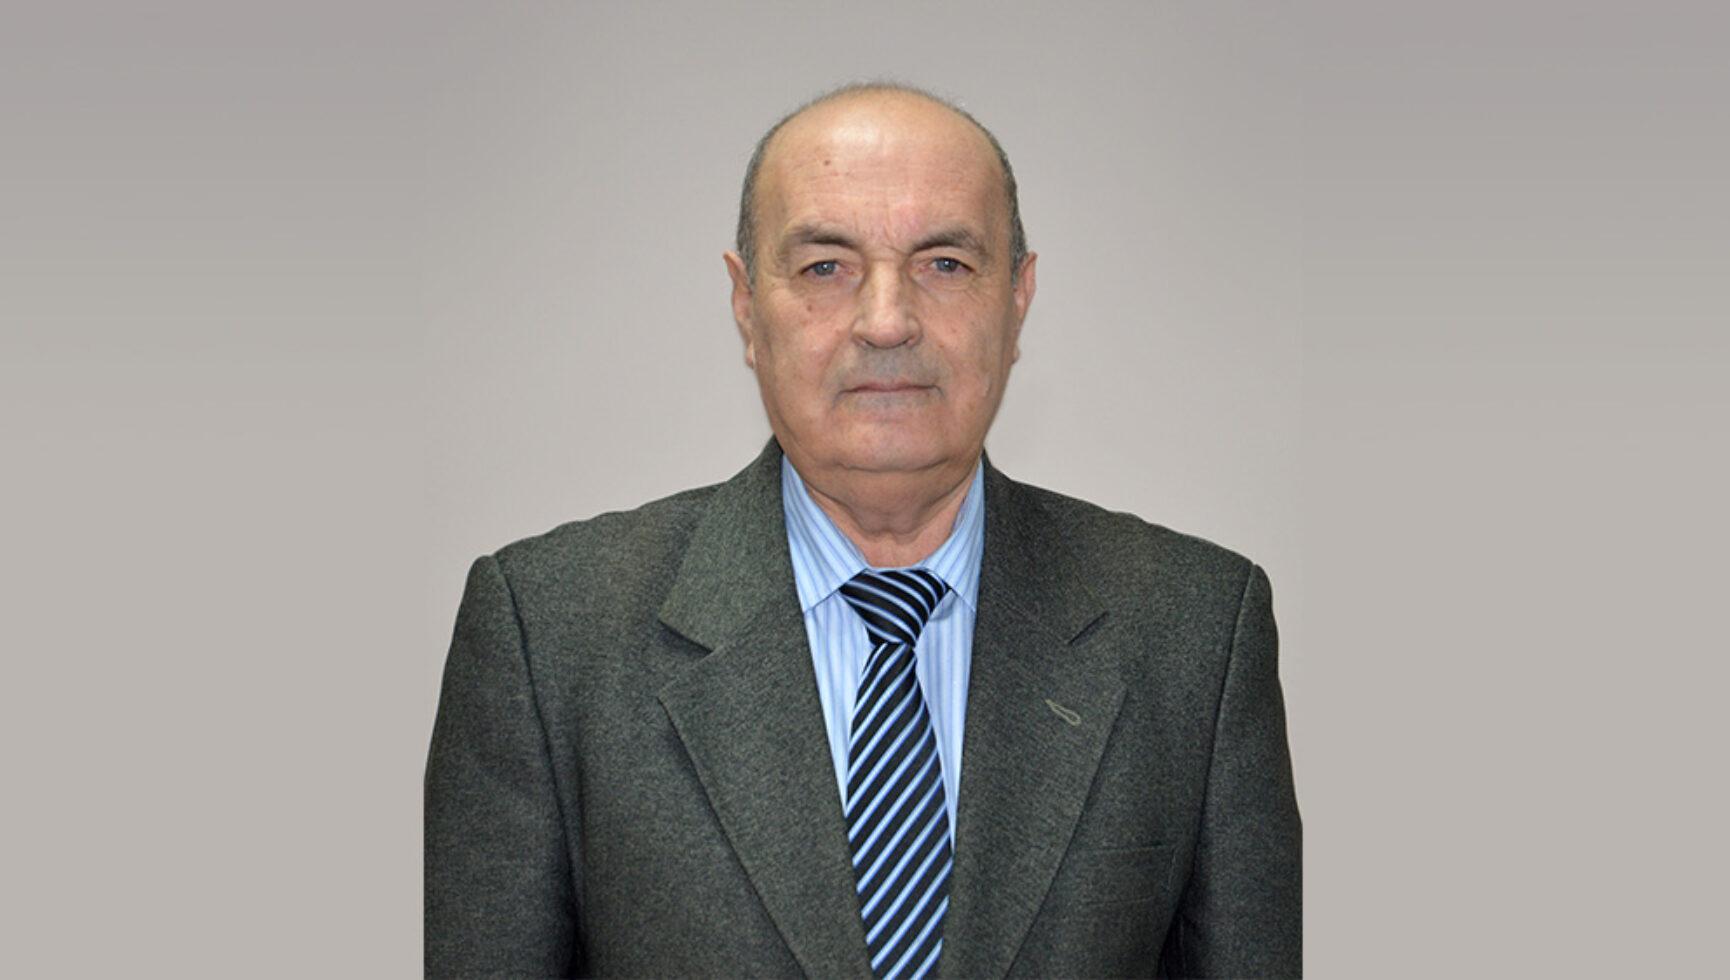 Поздравляем Богатырева Алексея Николаевича, главу муниципального образования город Ефремов, с Днем рождения!